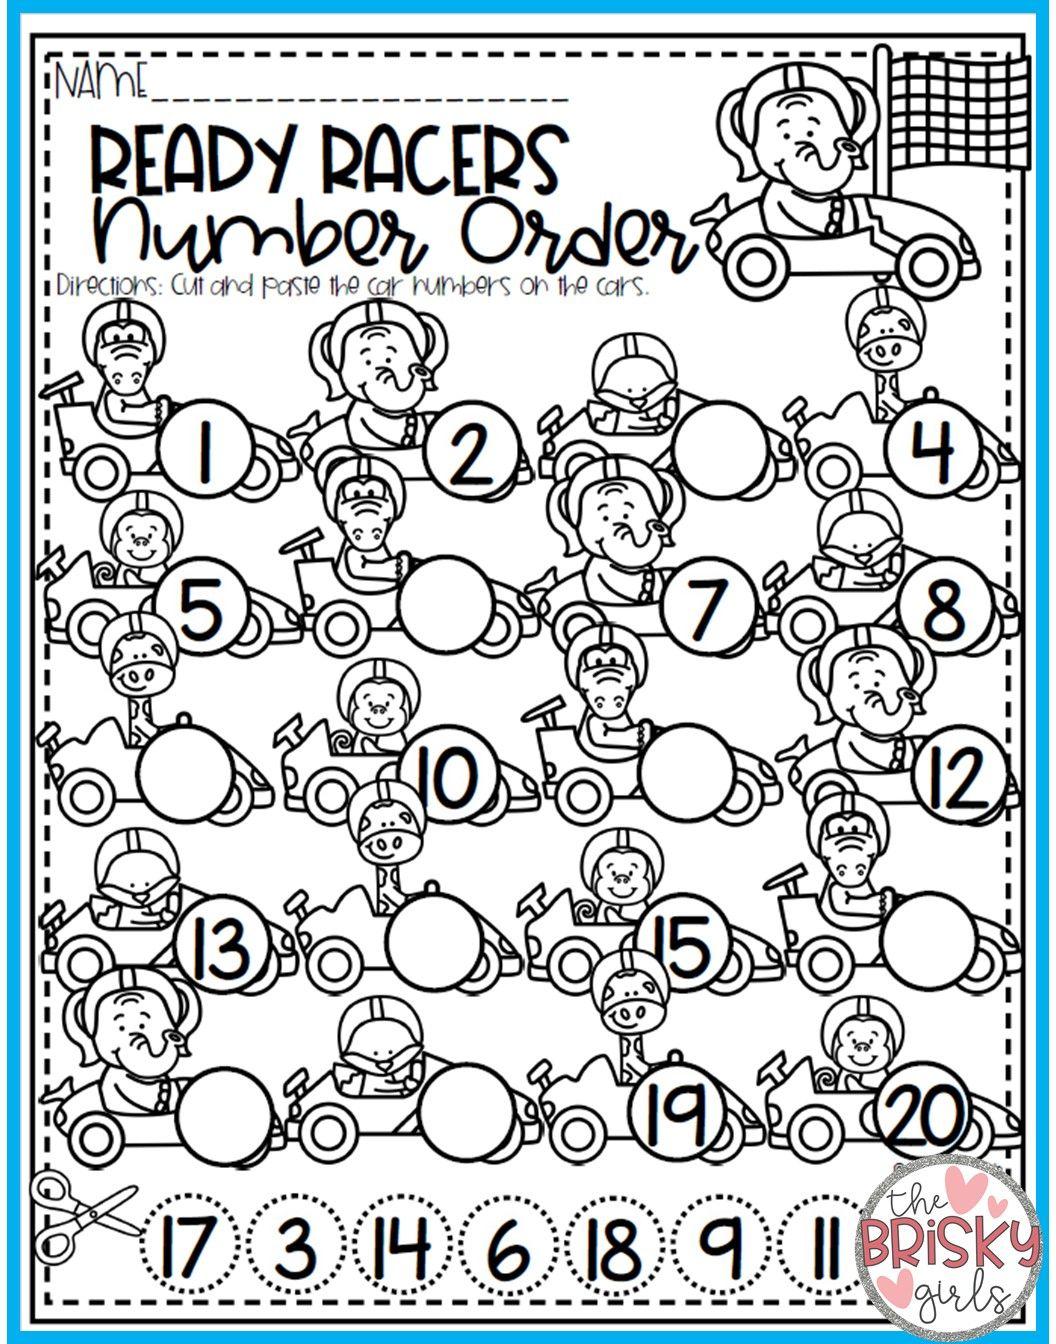 Kindergarten Math Kindergarten Math Activities Kindergarten Math Worksheets Kindergarte Kindergarten Math Worksheets Math Worksheets Kindergarten Worksheets [ 1344 x 1056 Pixel ]